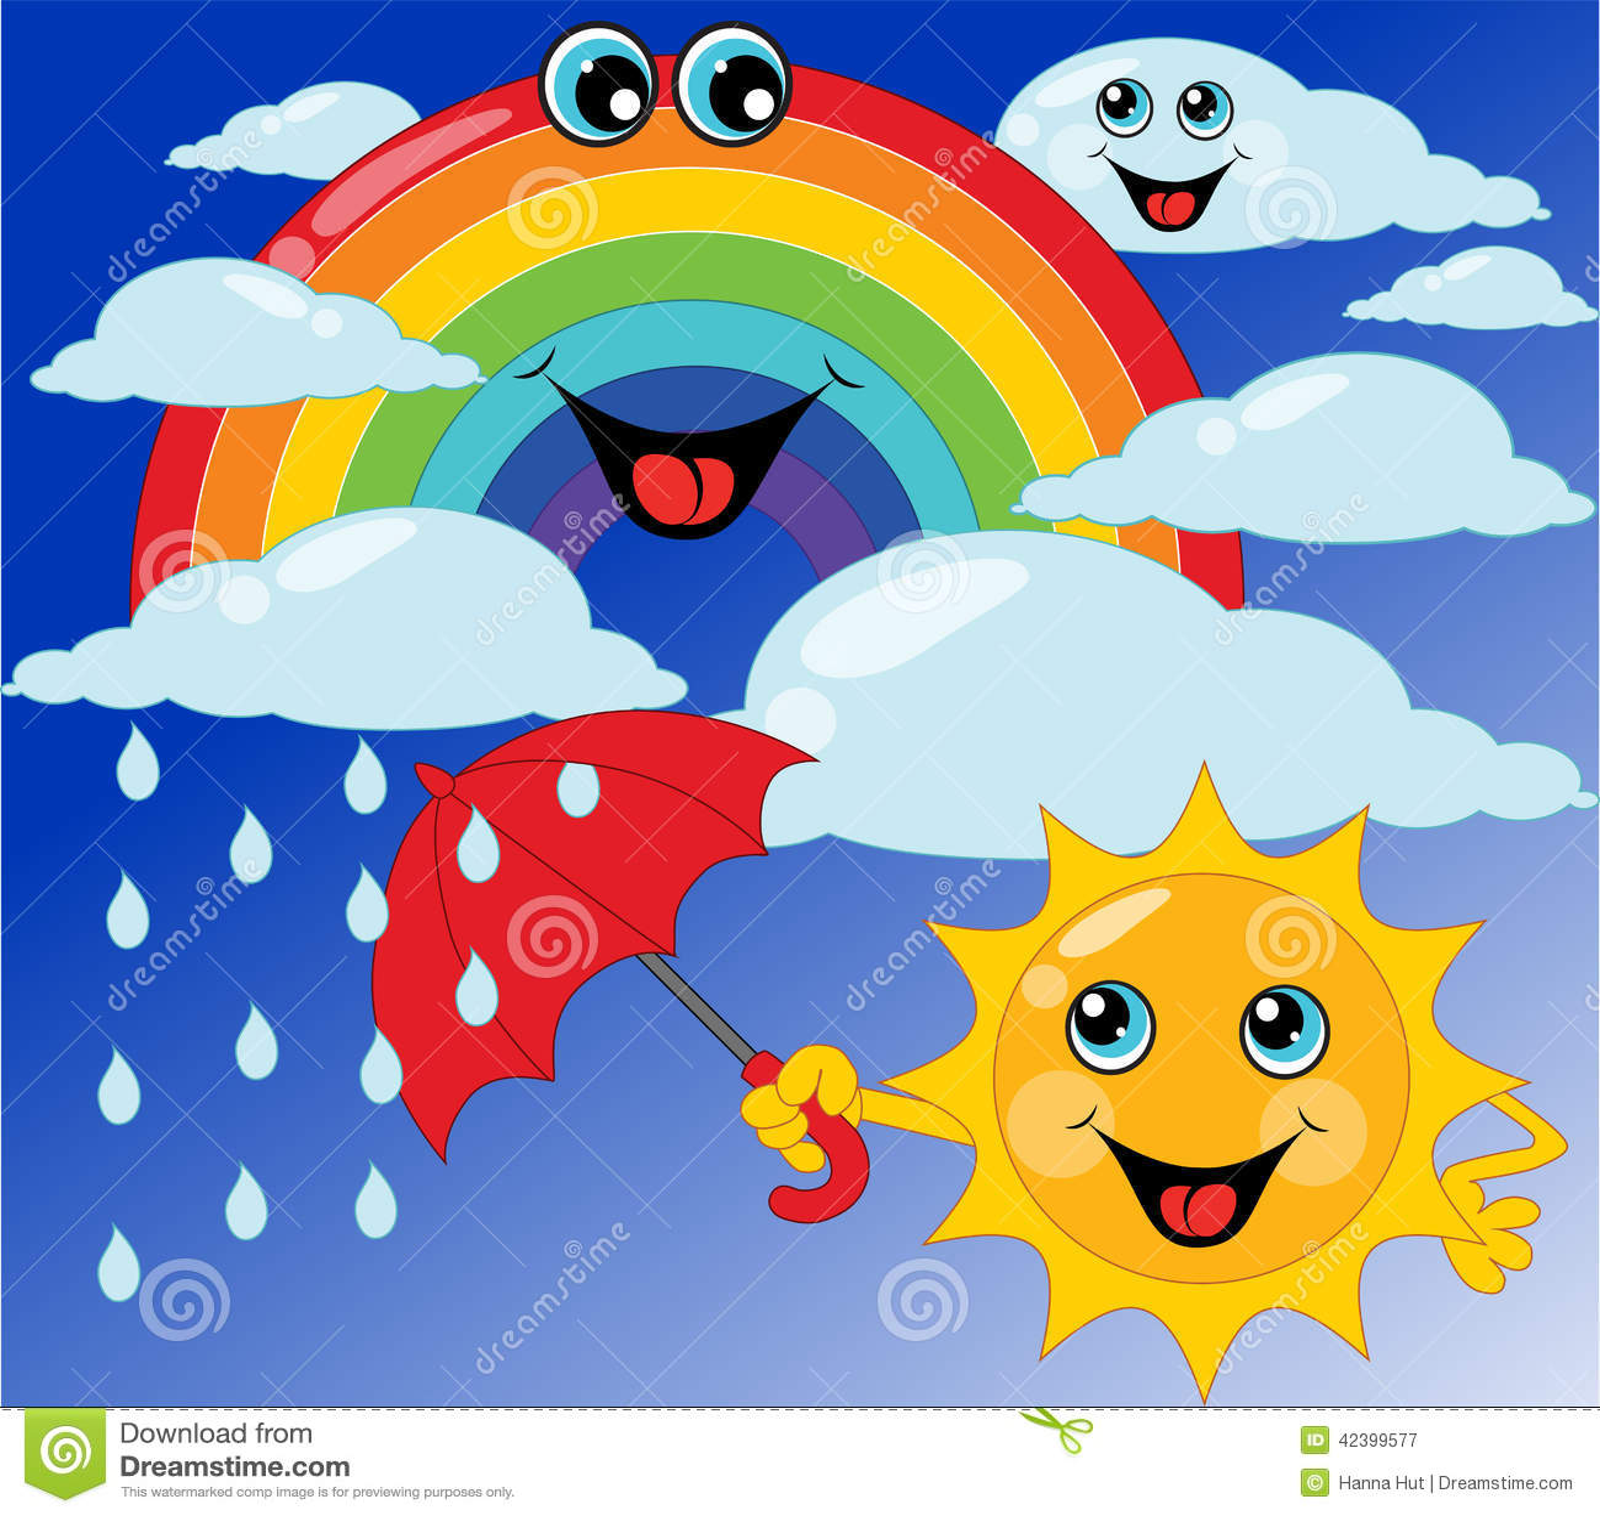 More similar stock images of ` Children s card sun, rainbow, umbrella